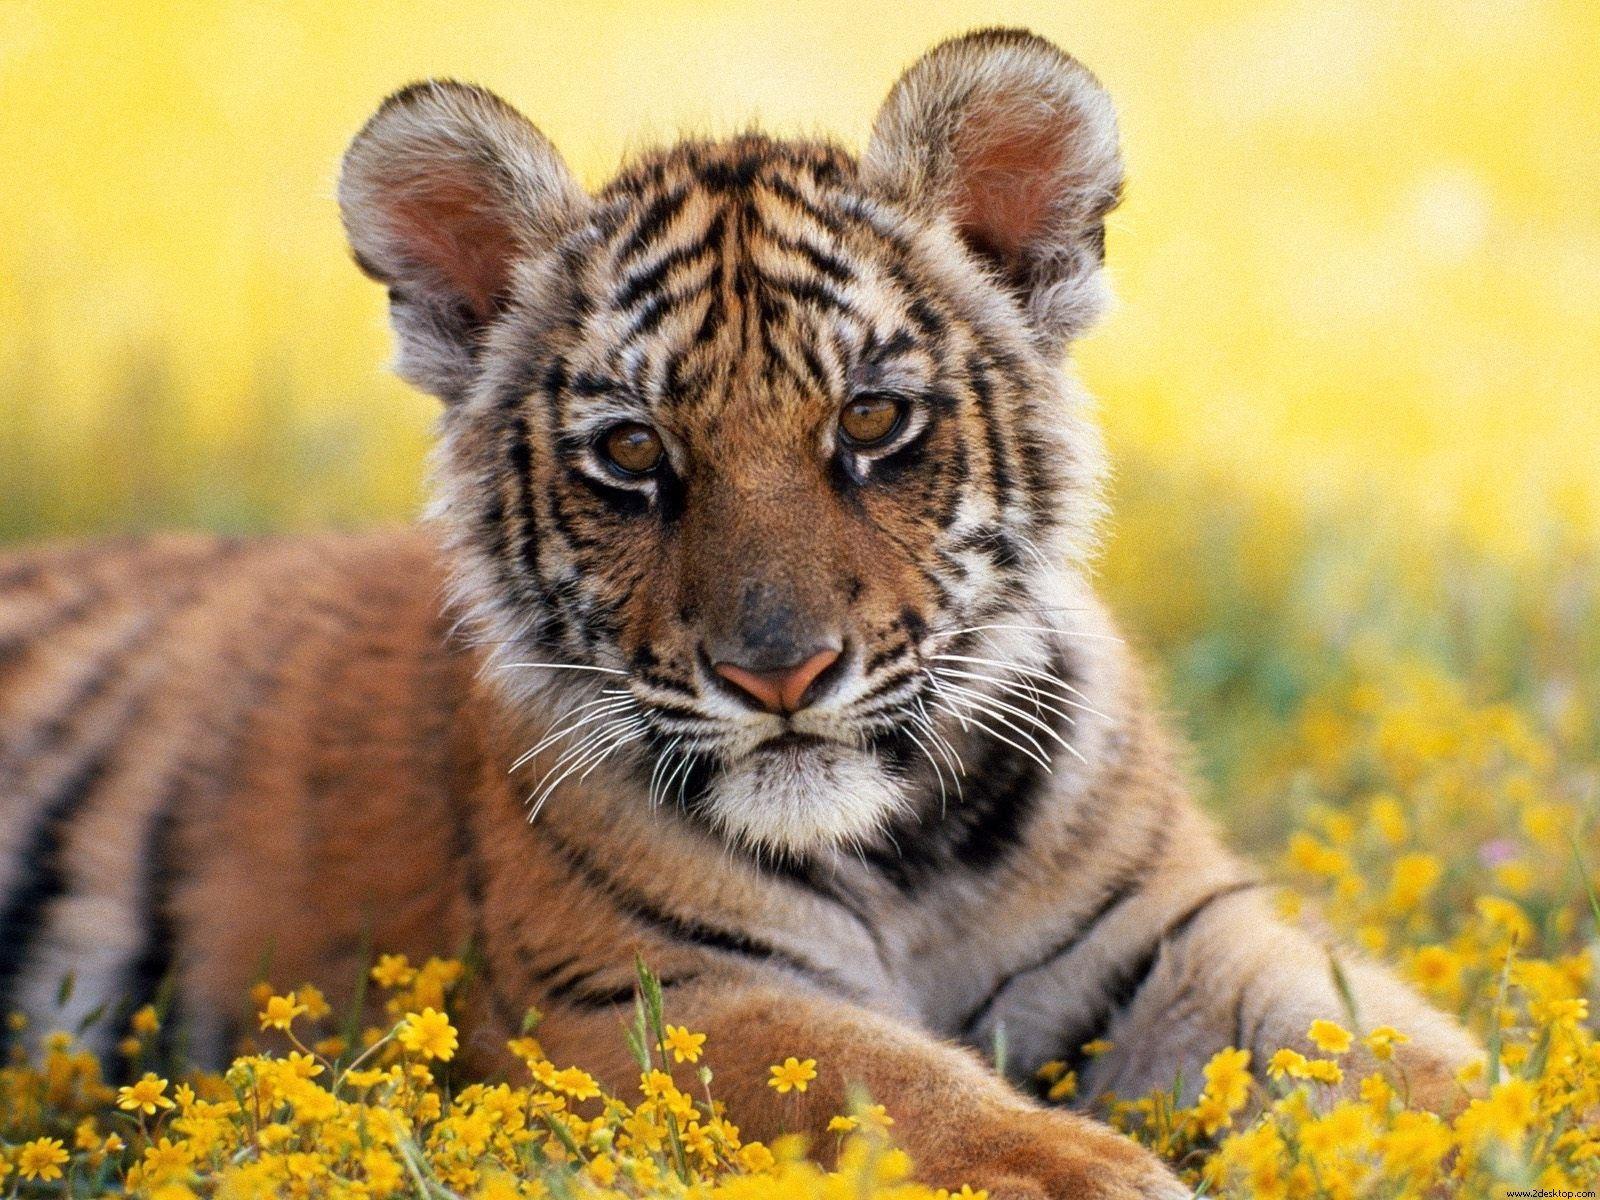 Funny wallpapersHD wallpapers tiger cub wallpaper 1600x1200